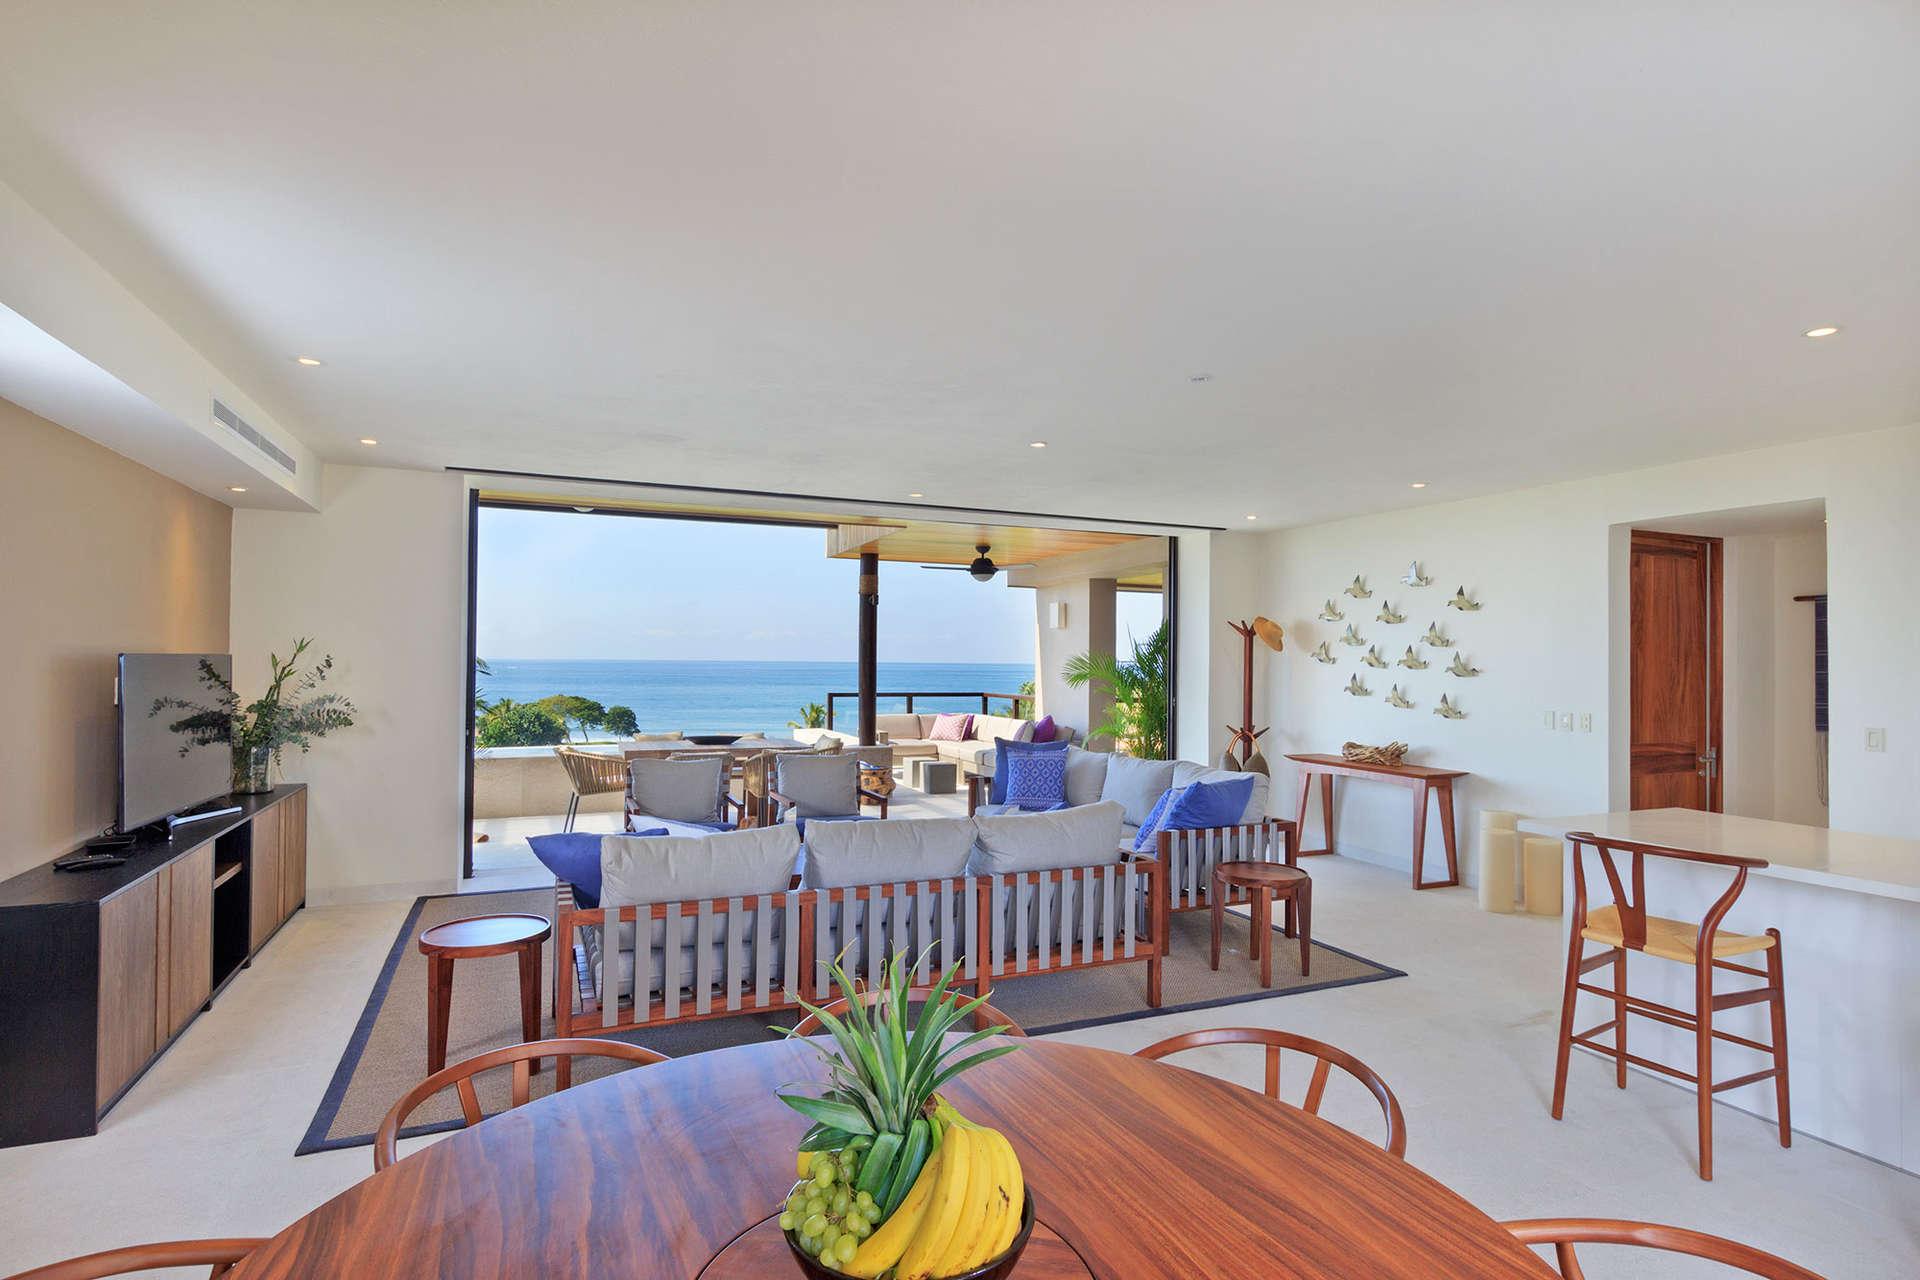 Luxury vacation rentals mexico - Punta mita - Las marietas - Condo Argo - Image 1/11